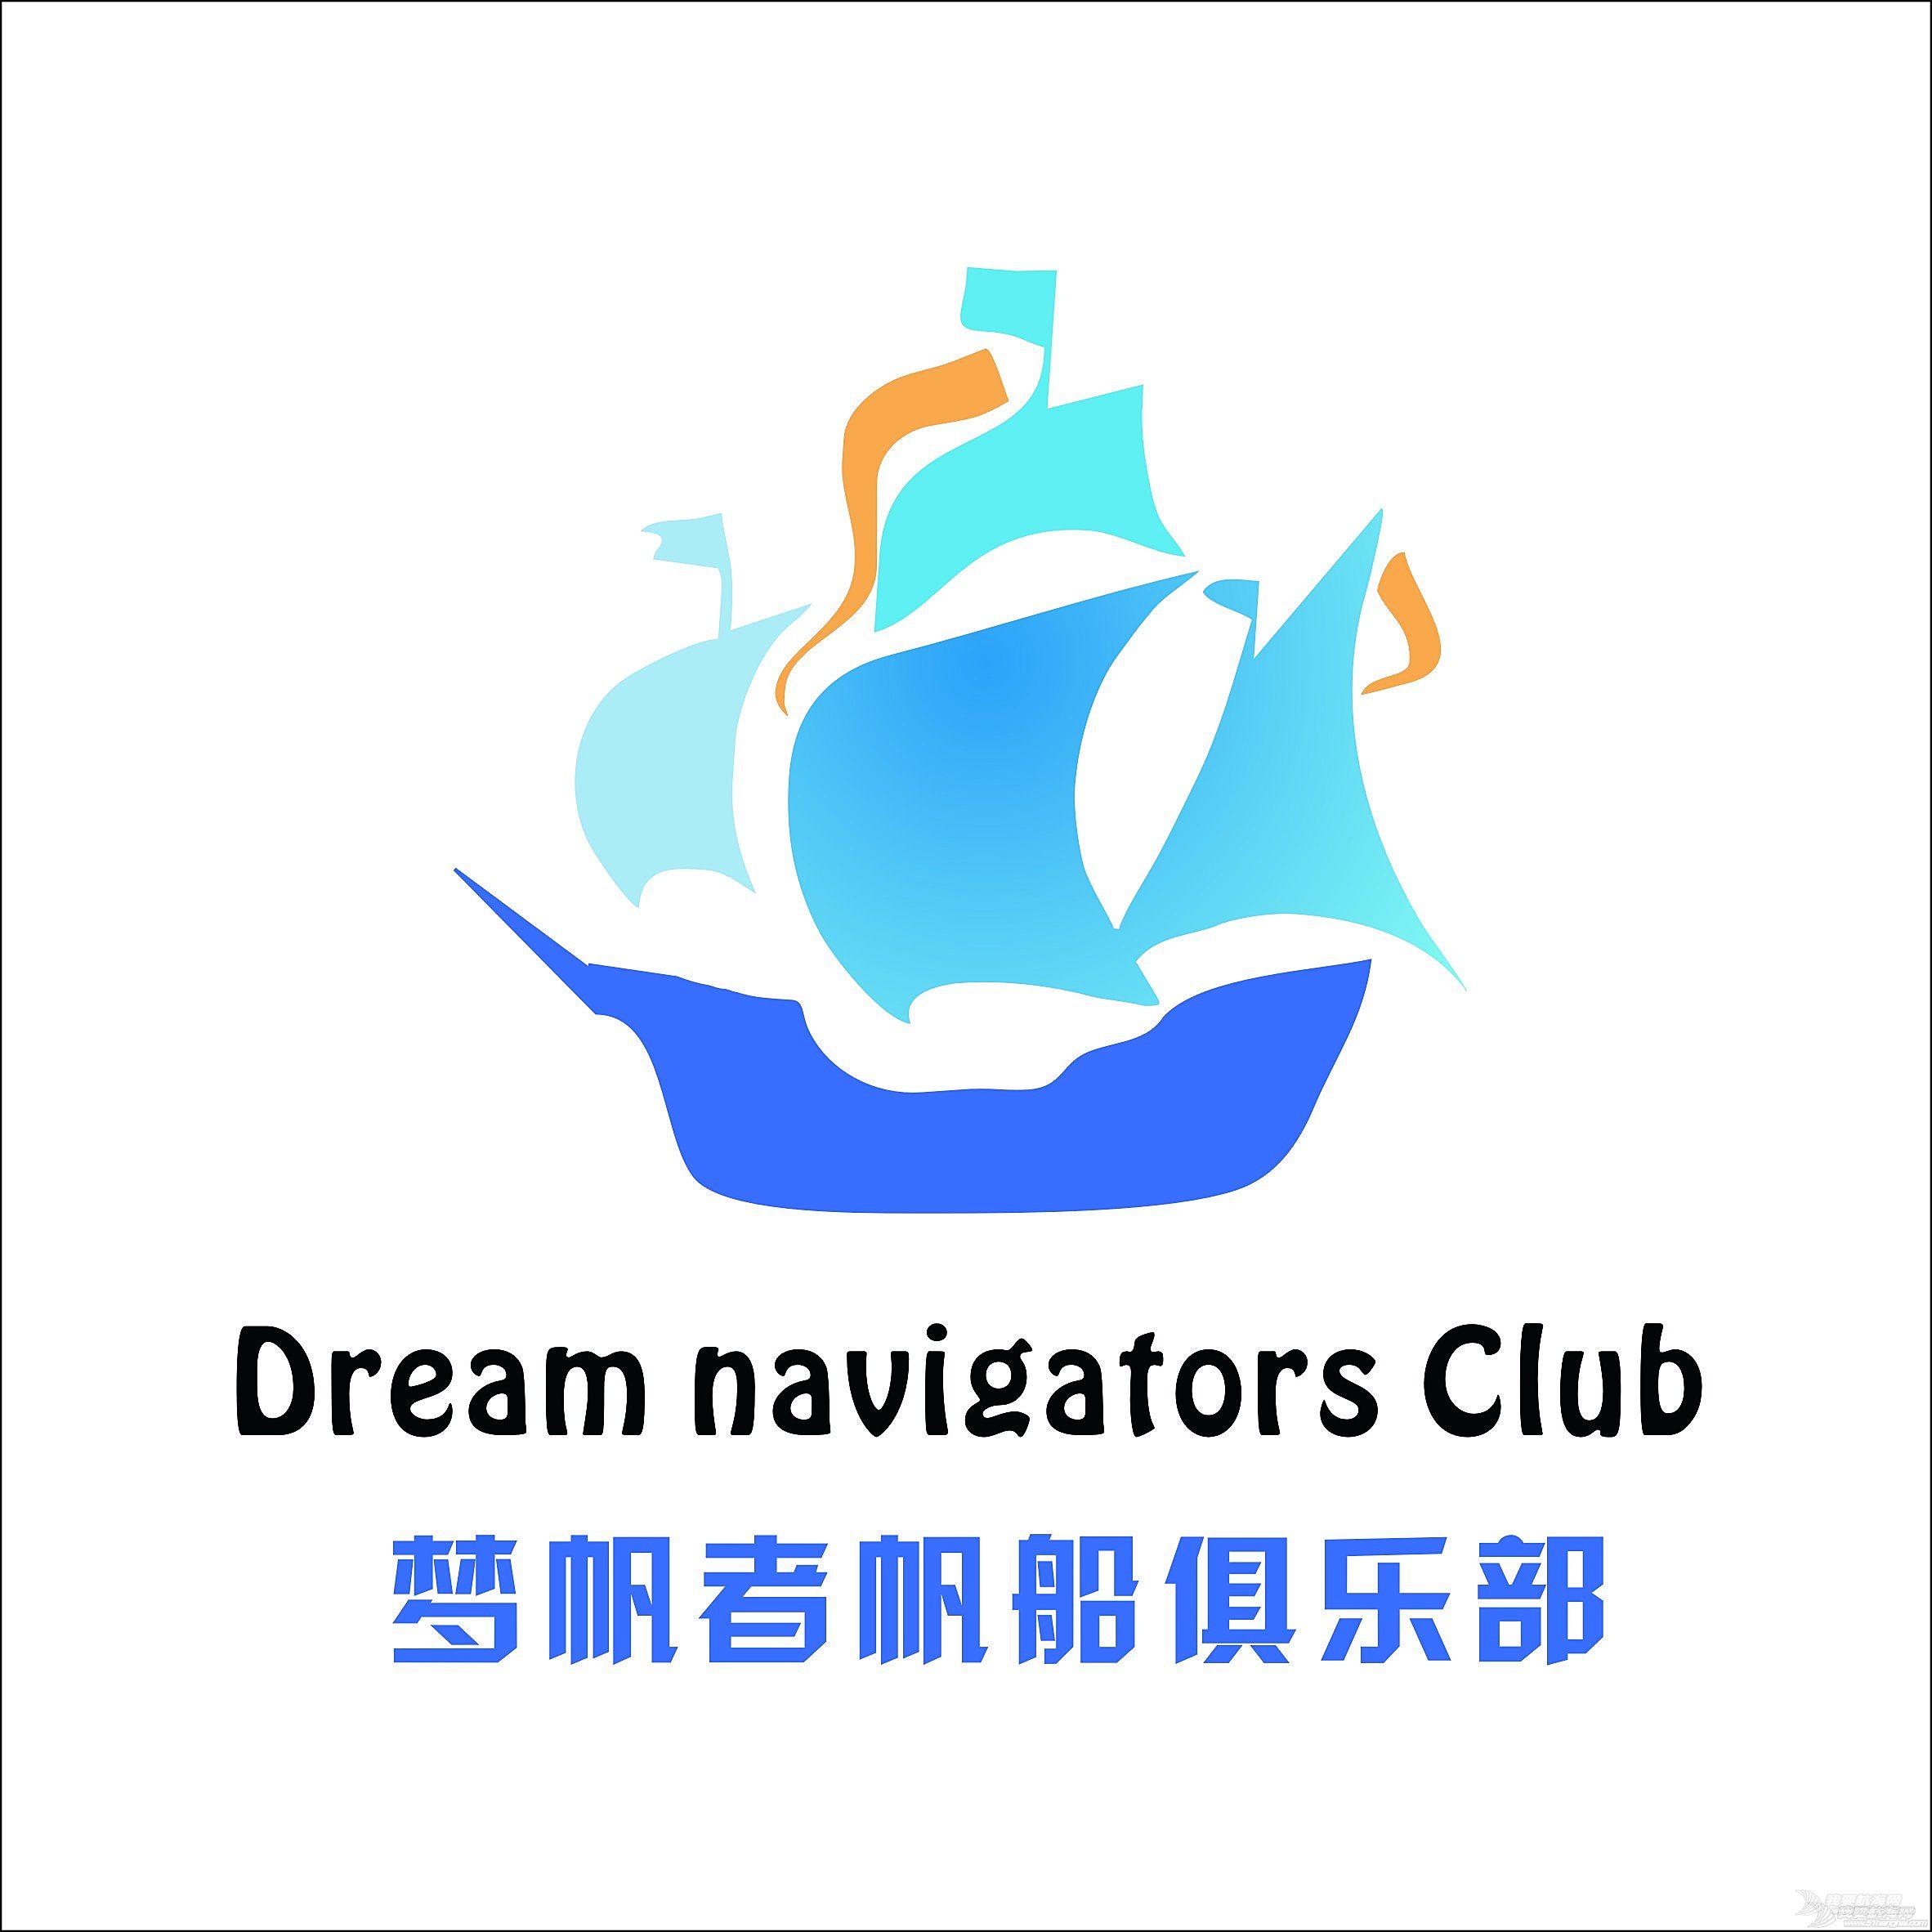 俱乐部,联系人,沈阳,帆船,推广 沈阳梦帆者俱乐部